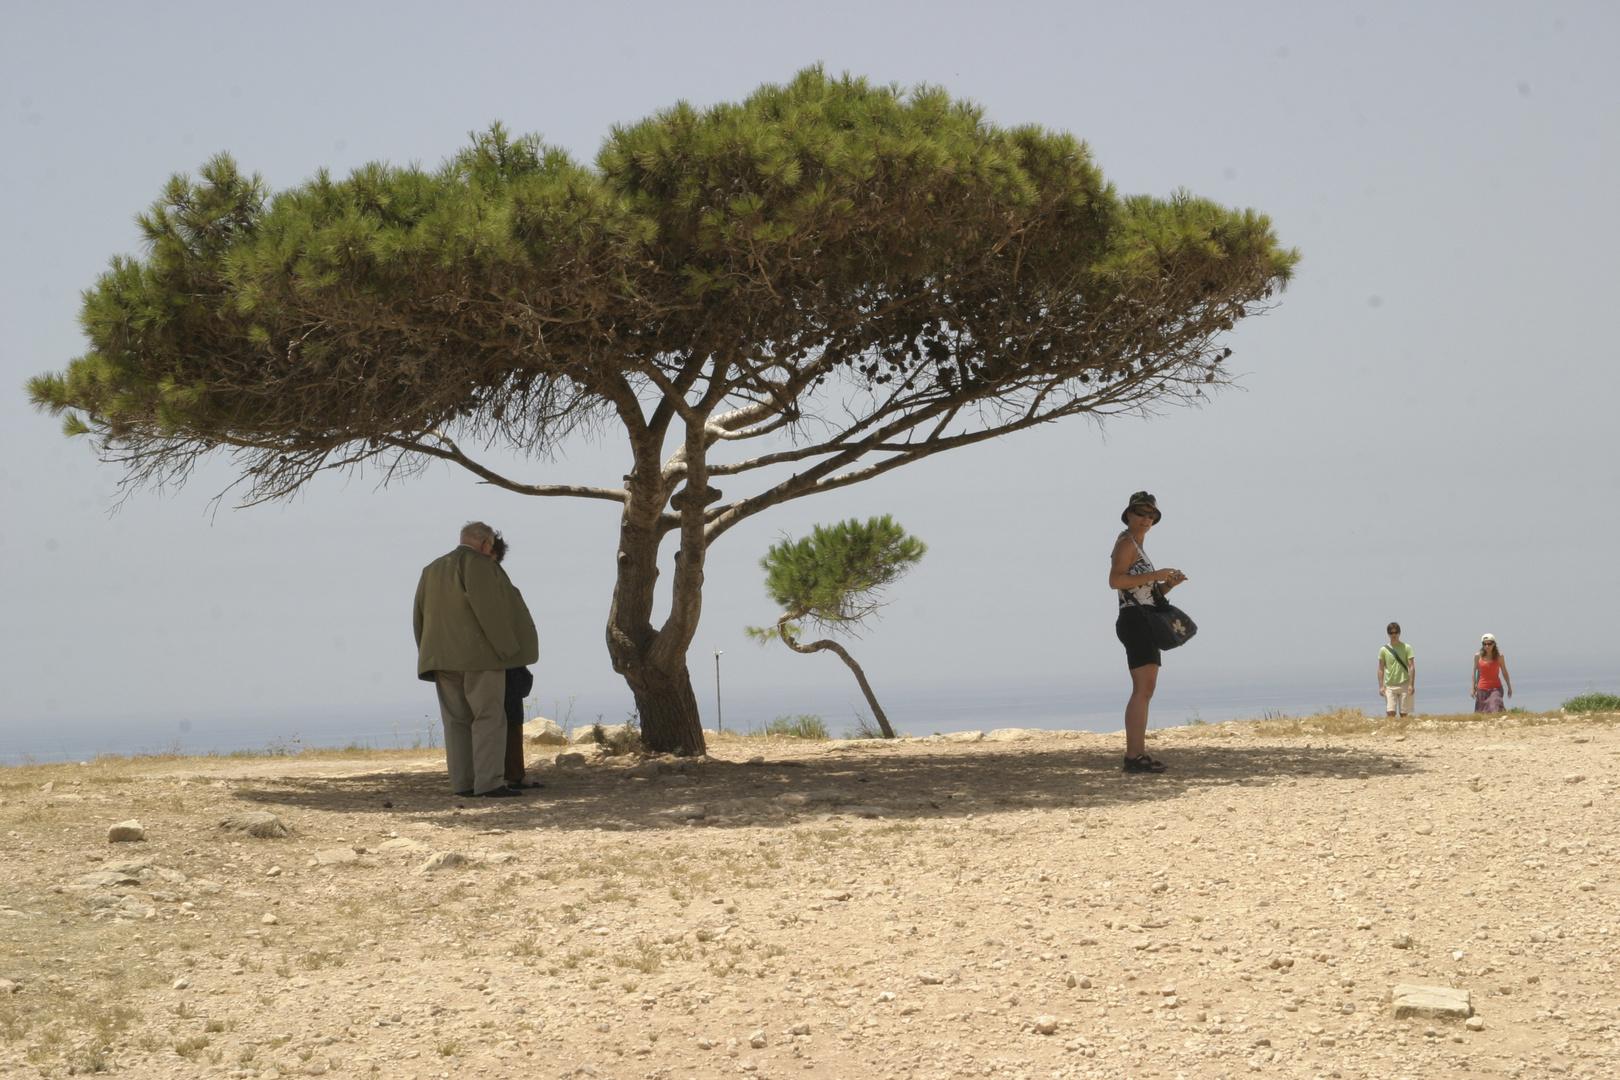 ziemlich heiss in Malta